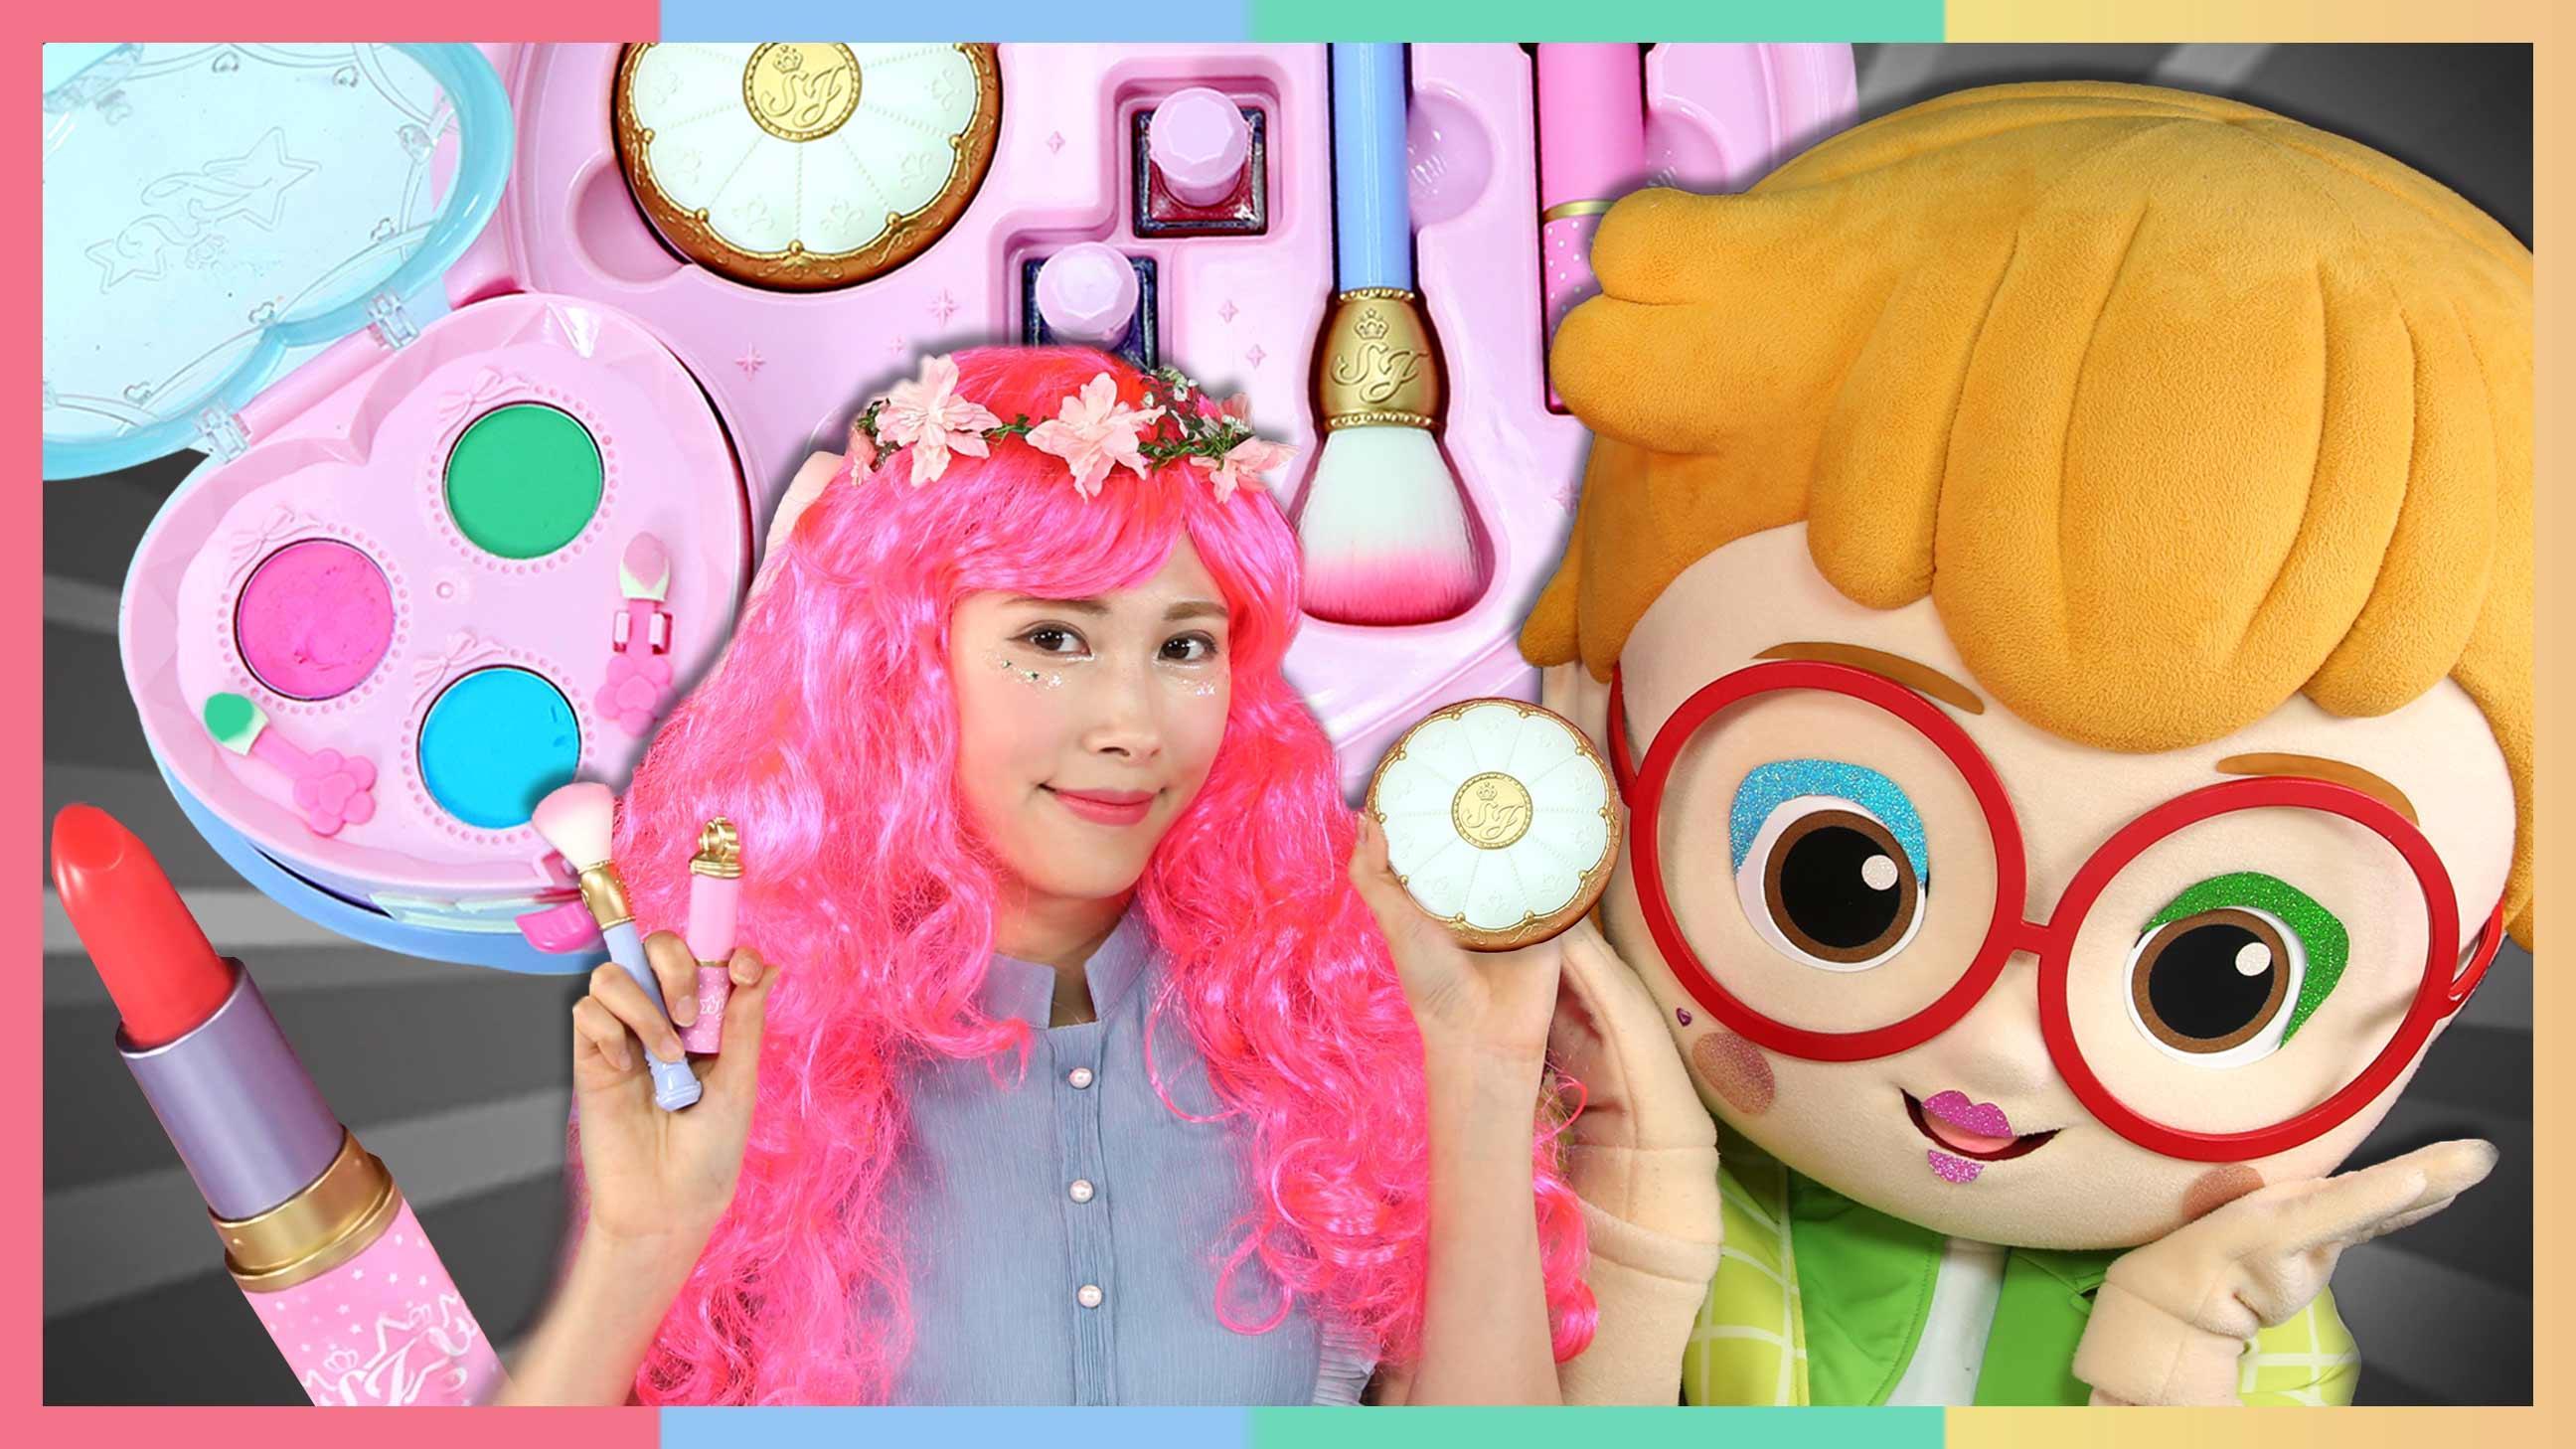 珠珠的秘密儿童化妆包!跟凯利一起变漂亮吧   凯利和玩具朋友们 CarrieAndToys